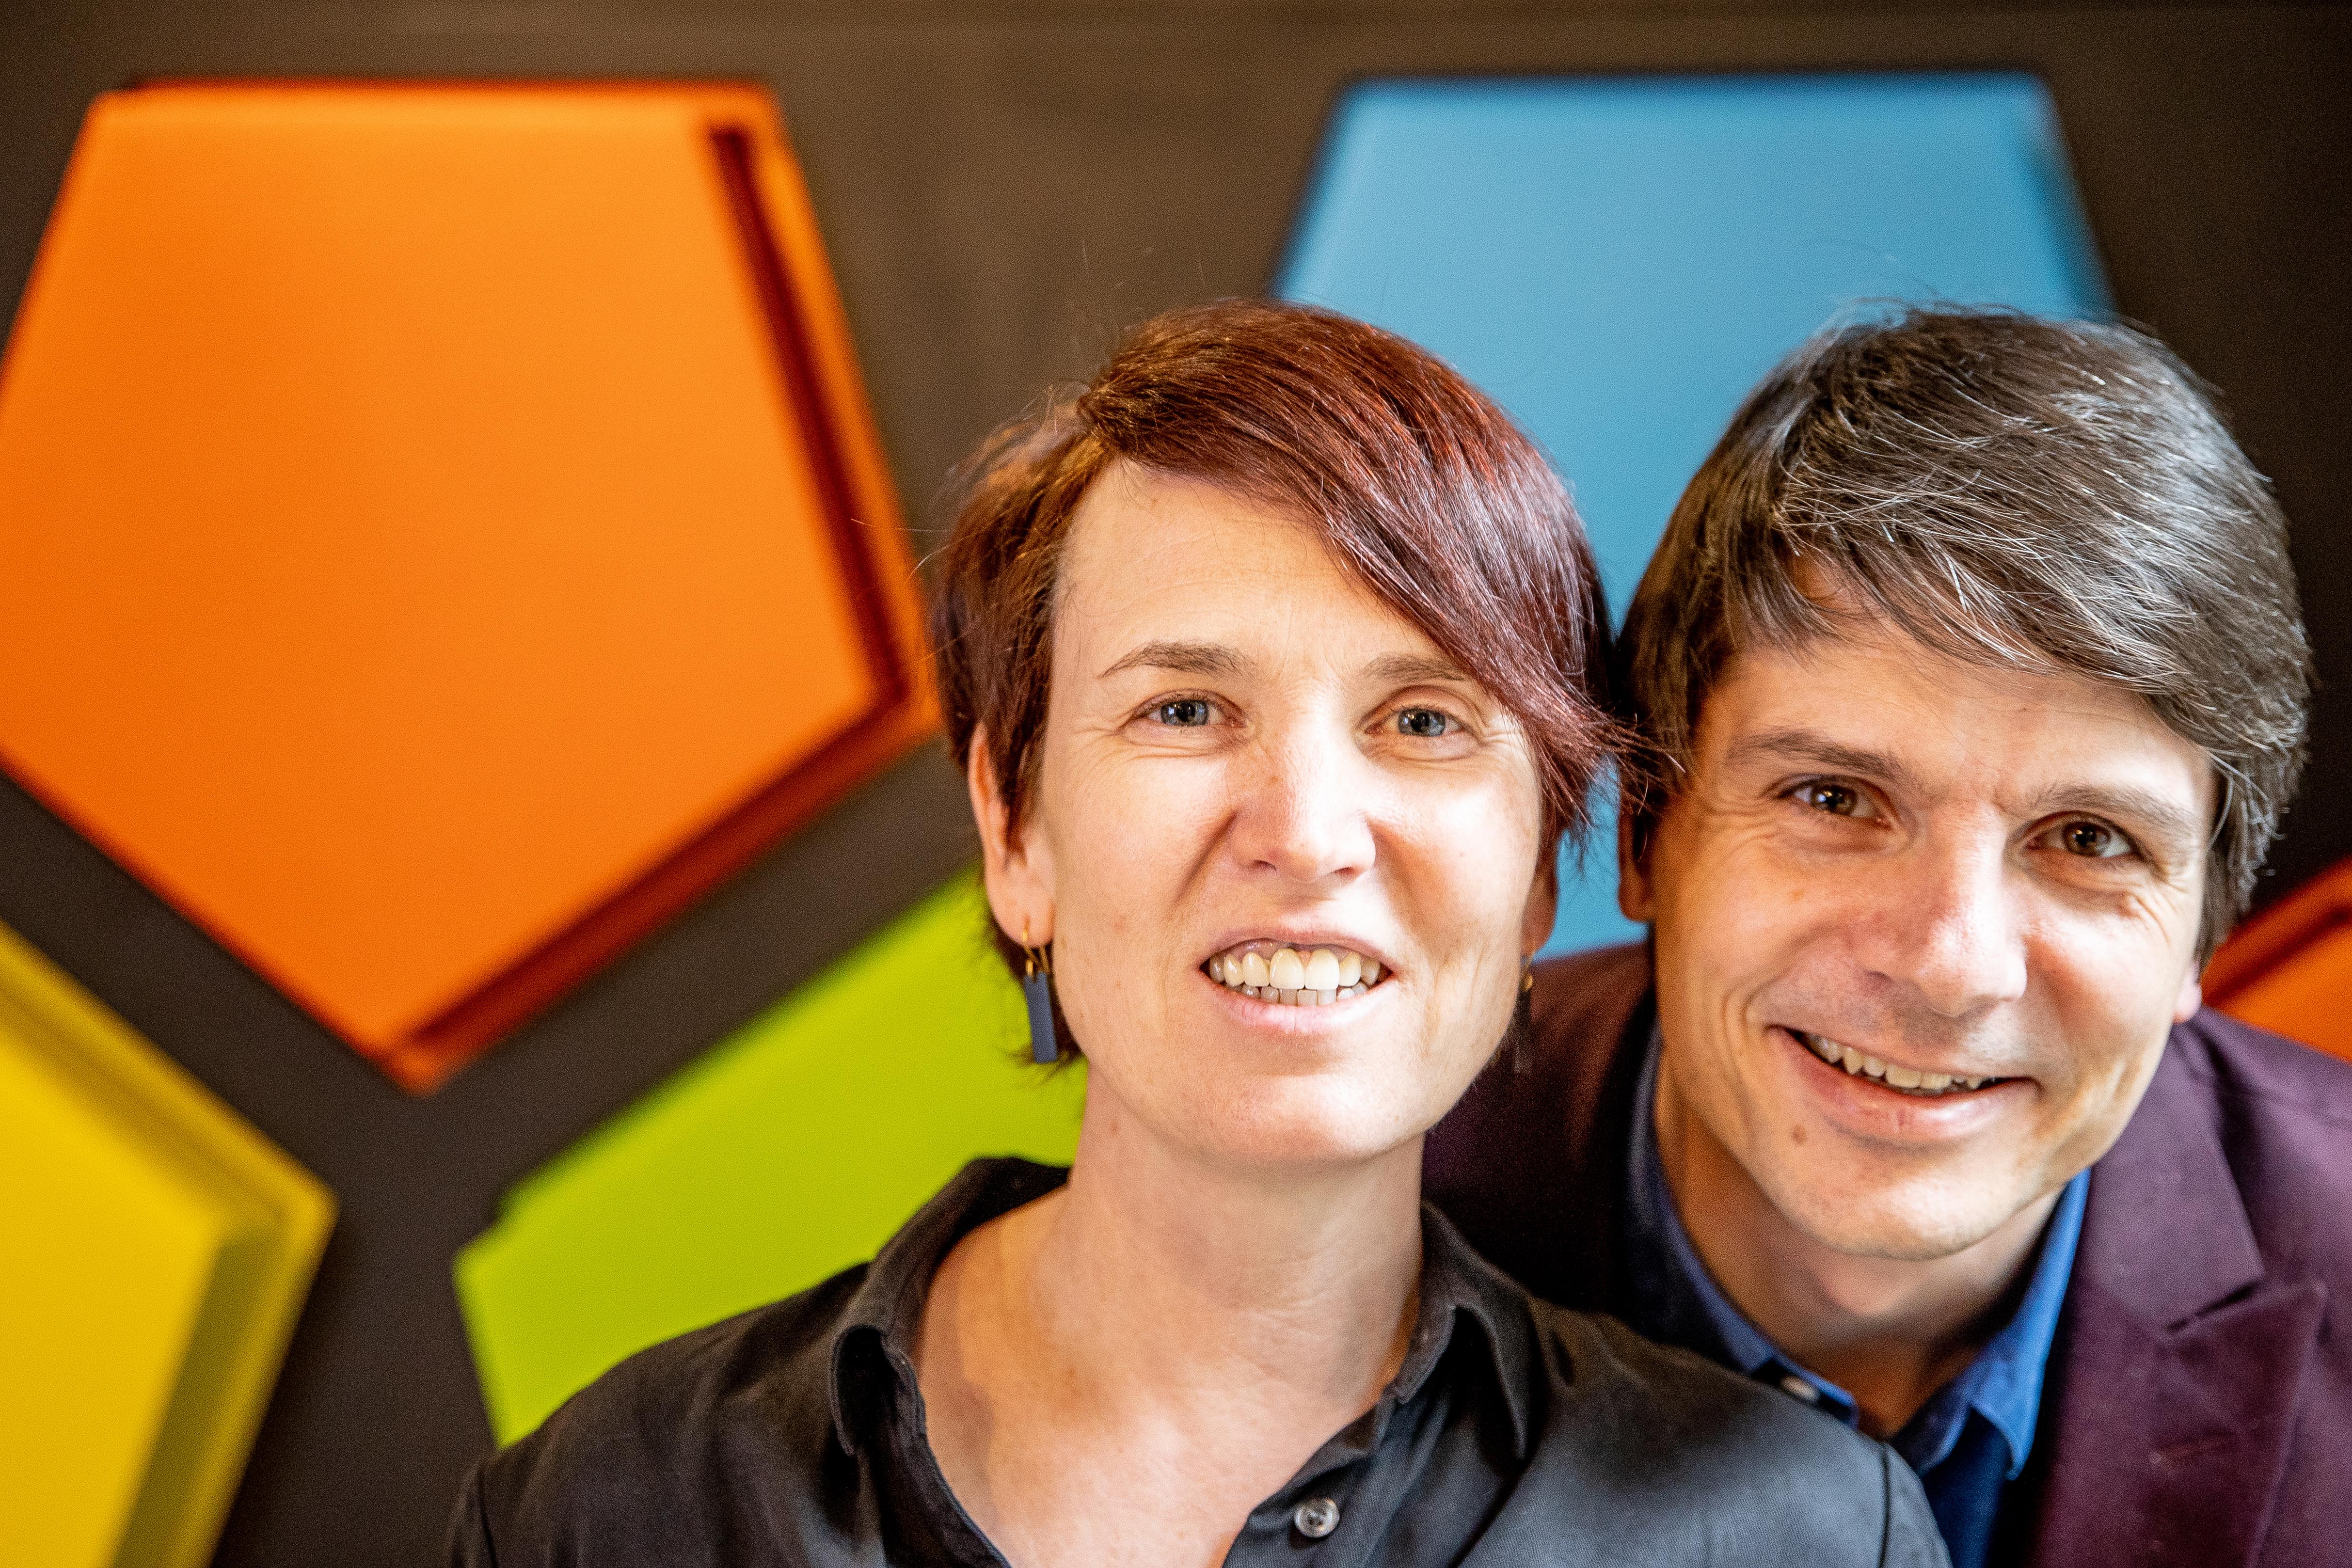 Nele & Koenraad - exclusively for employees